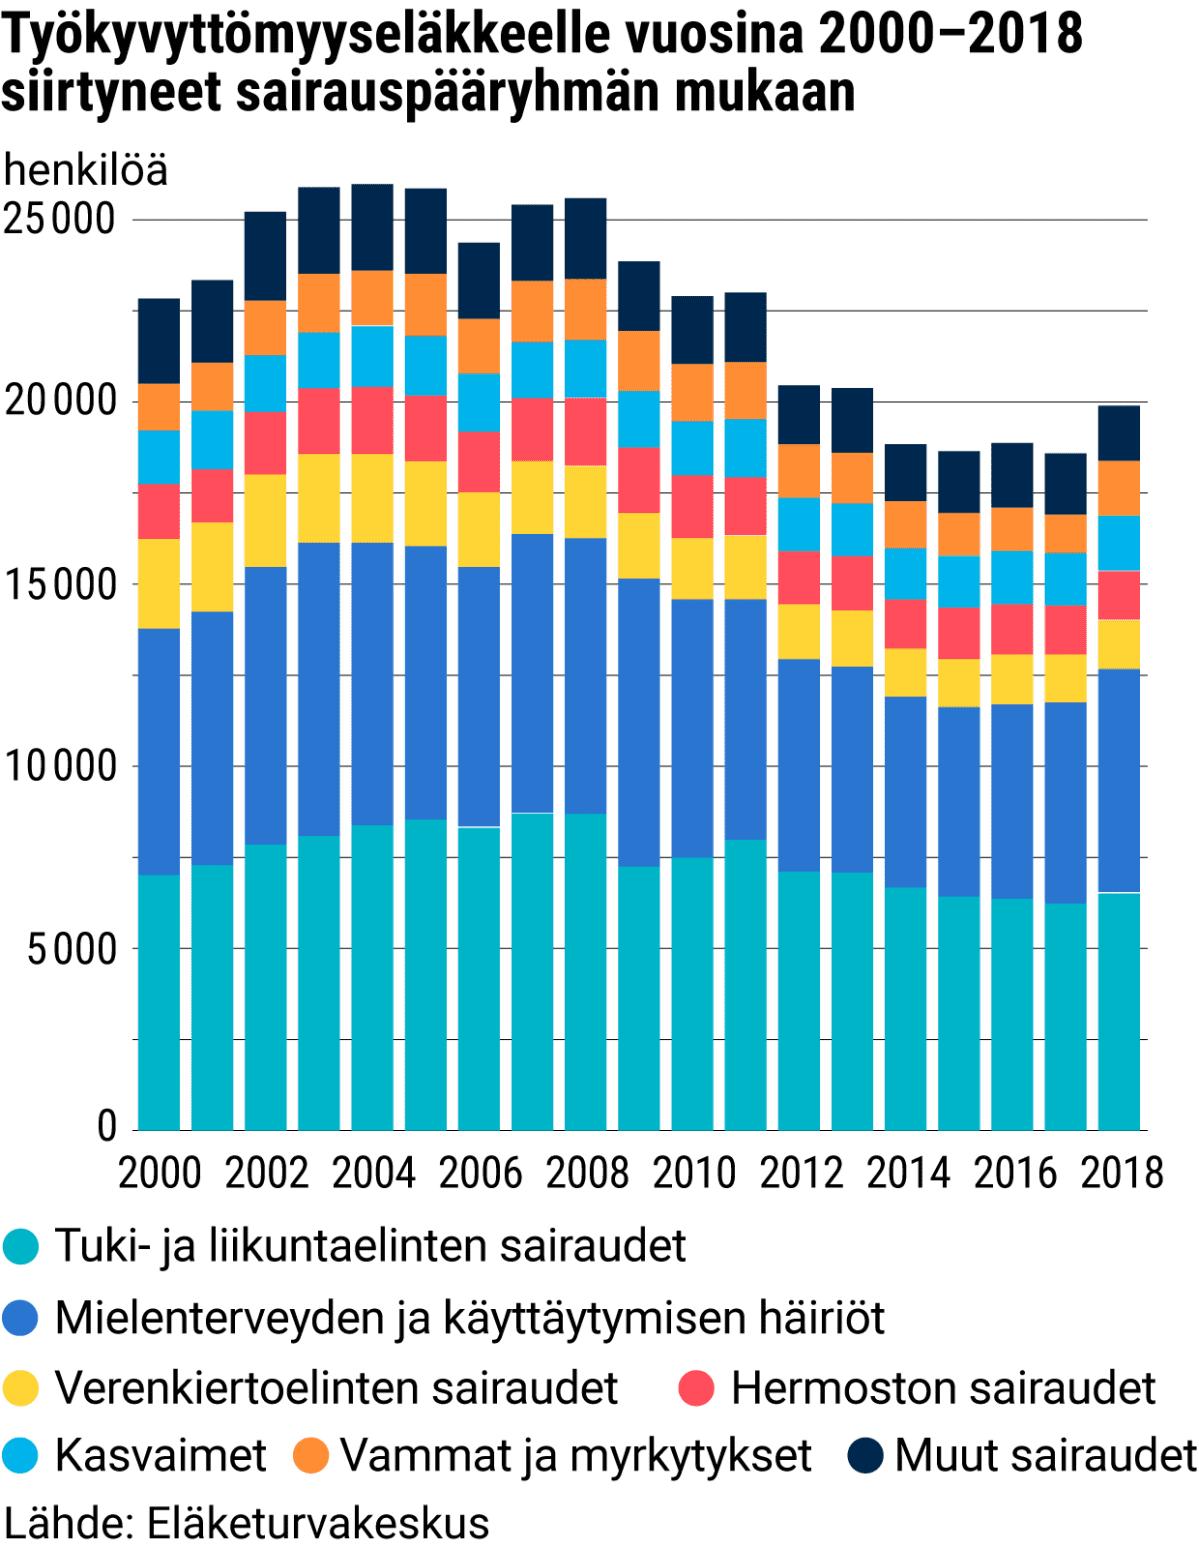 Työkyvyttömyyseläkkeelle vuosina 2000–2018 siirtyneet sairauspääryhmän mukaan